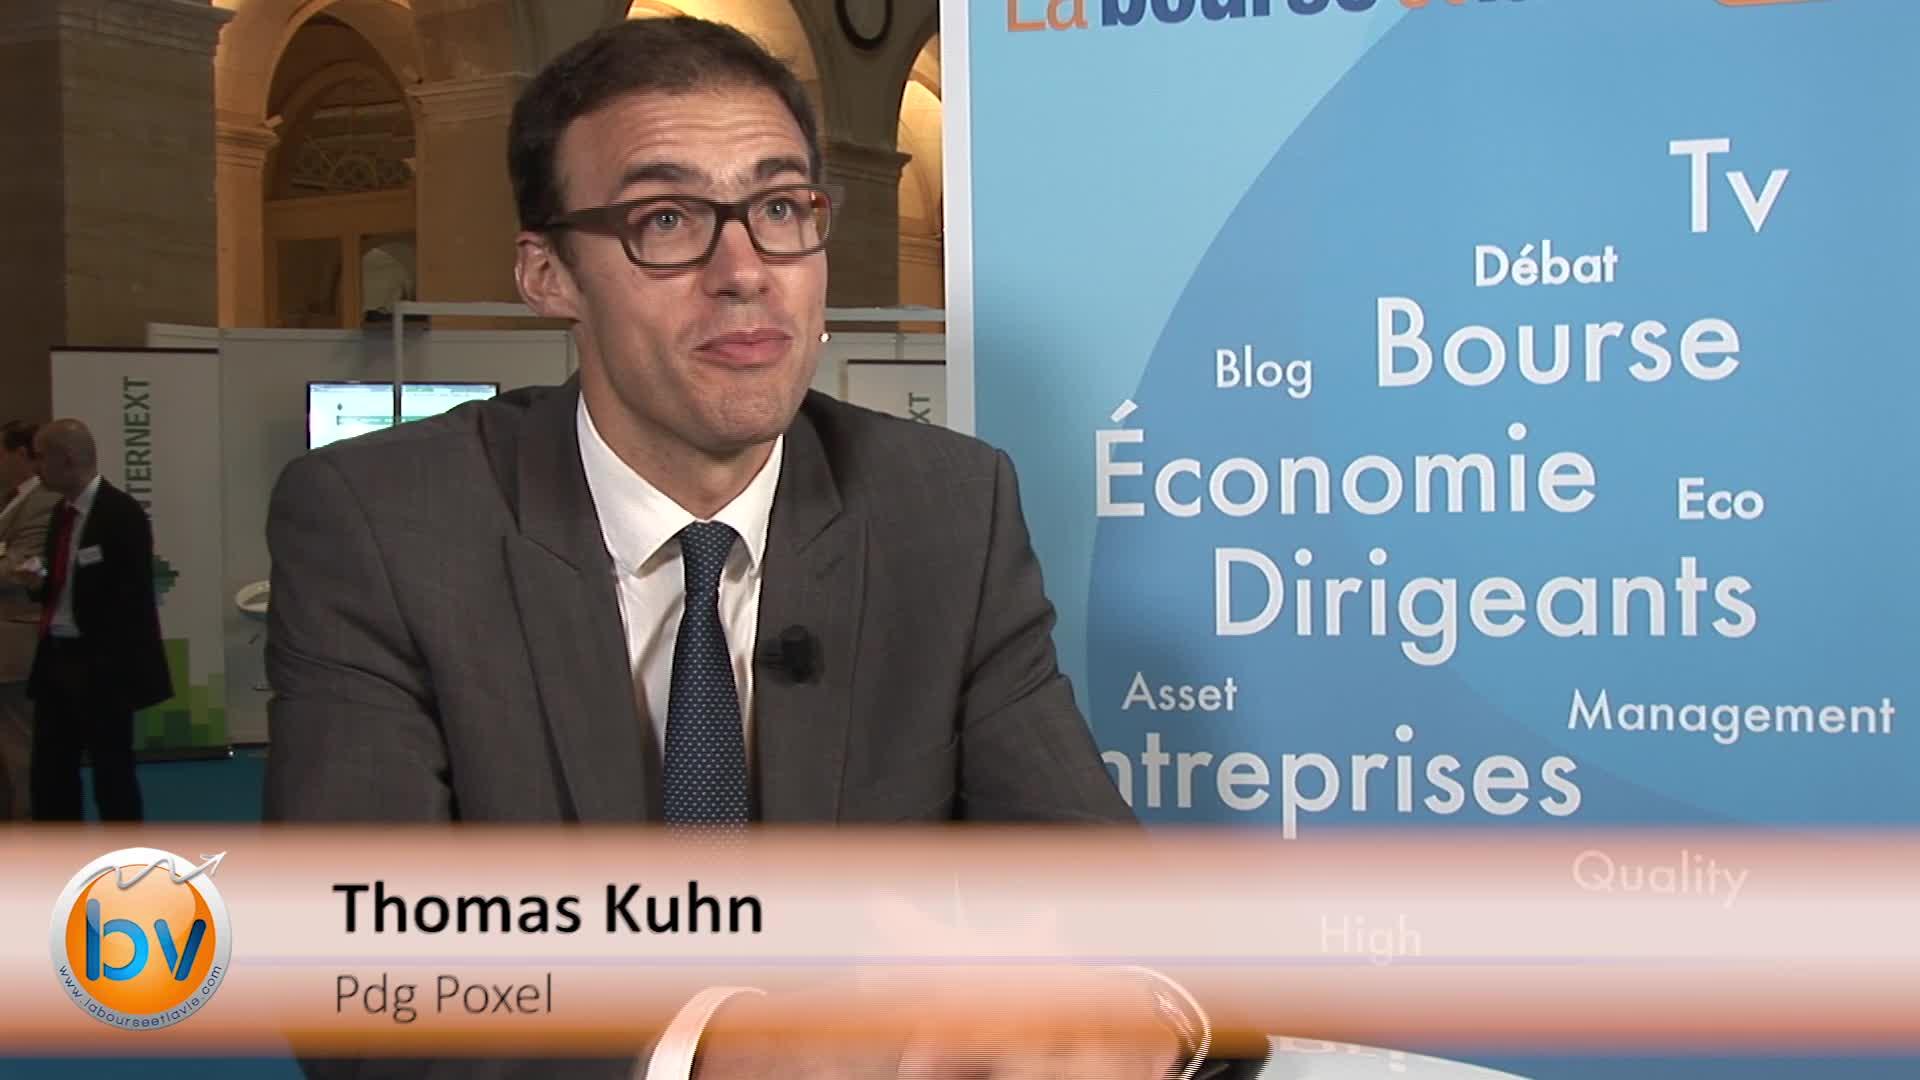 """Thomas Kuhn Pdg Poxel : """"On veut associer d'autres projets pour la crédibilité de la société"""" : Stratégie et perspectives de Poxel qui développe des médicaments destinés au traitement des maladies métaboliques"""